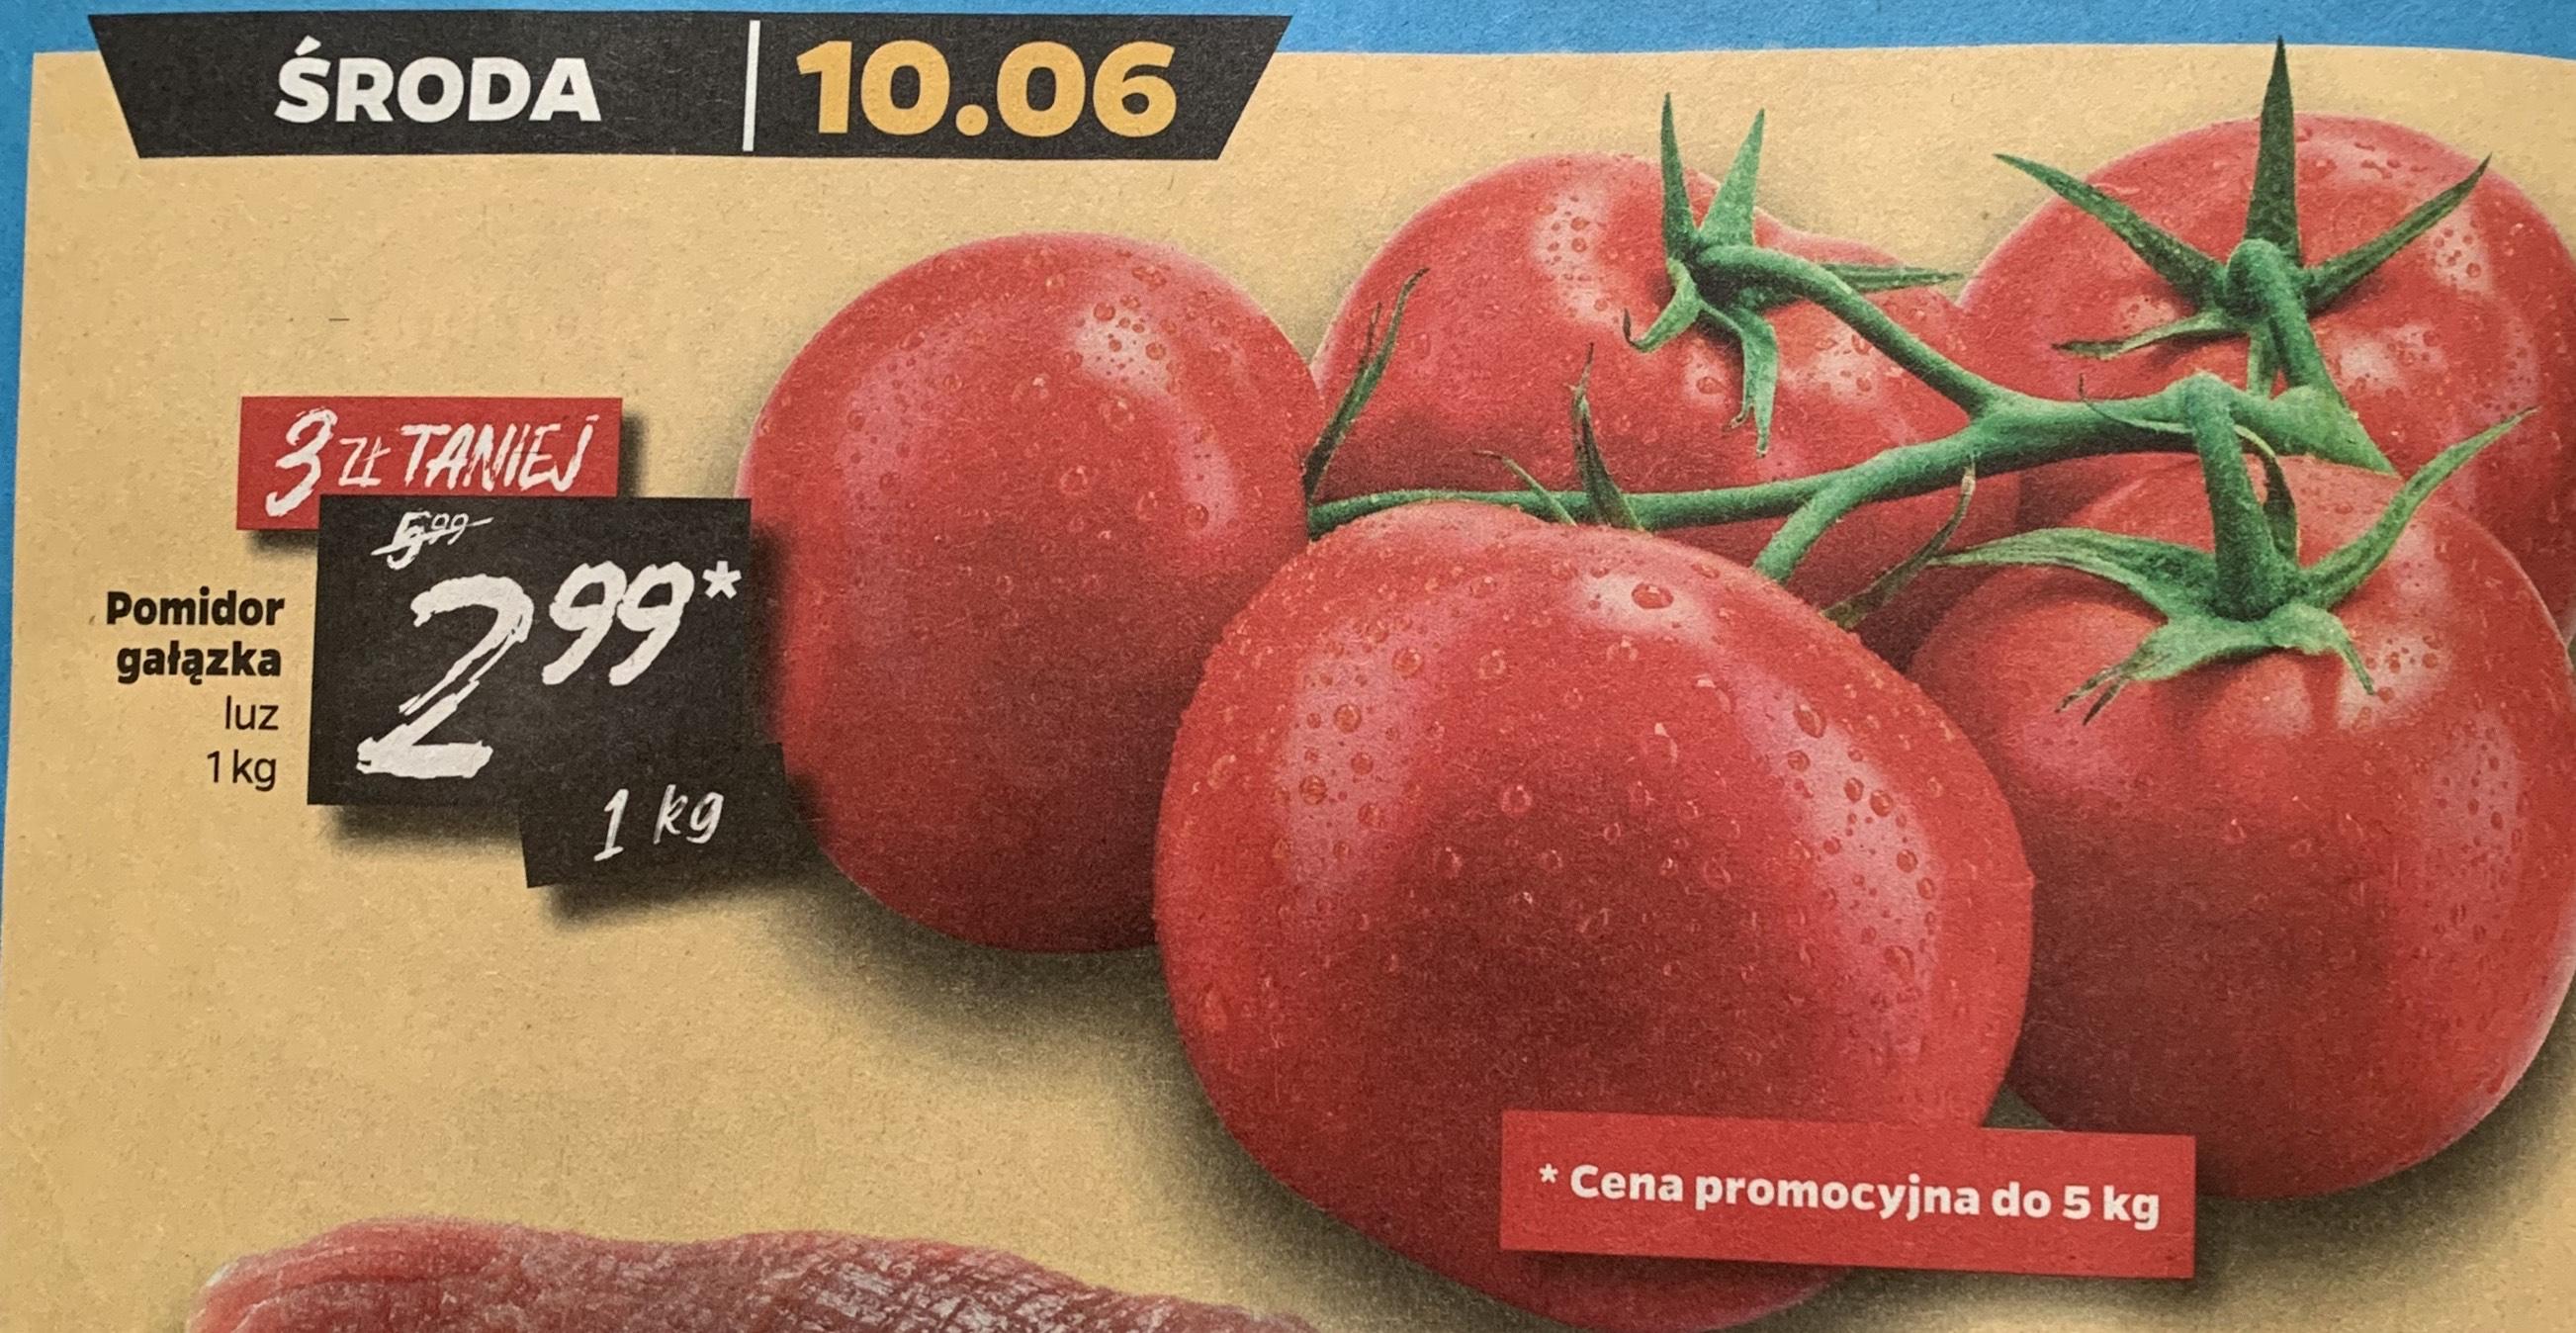 Pomidor gałązka 10.06 w Netto